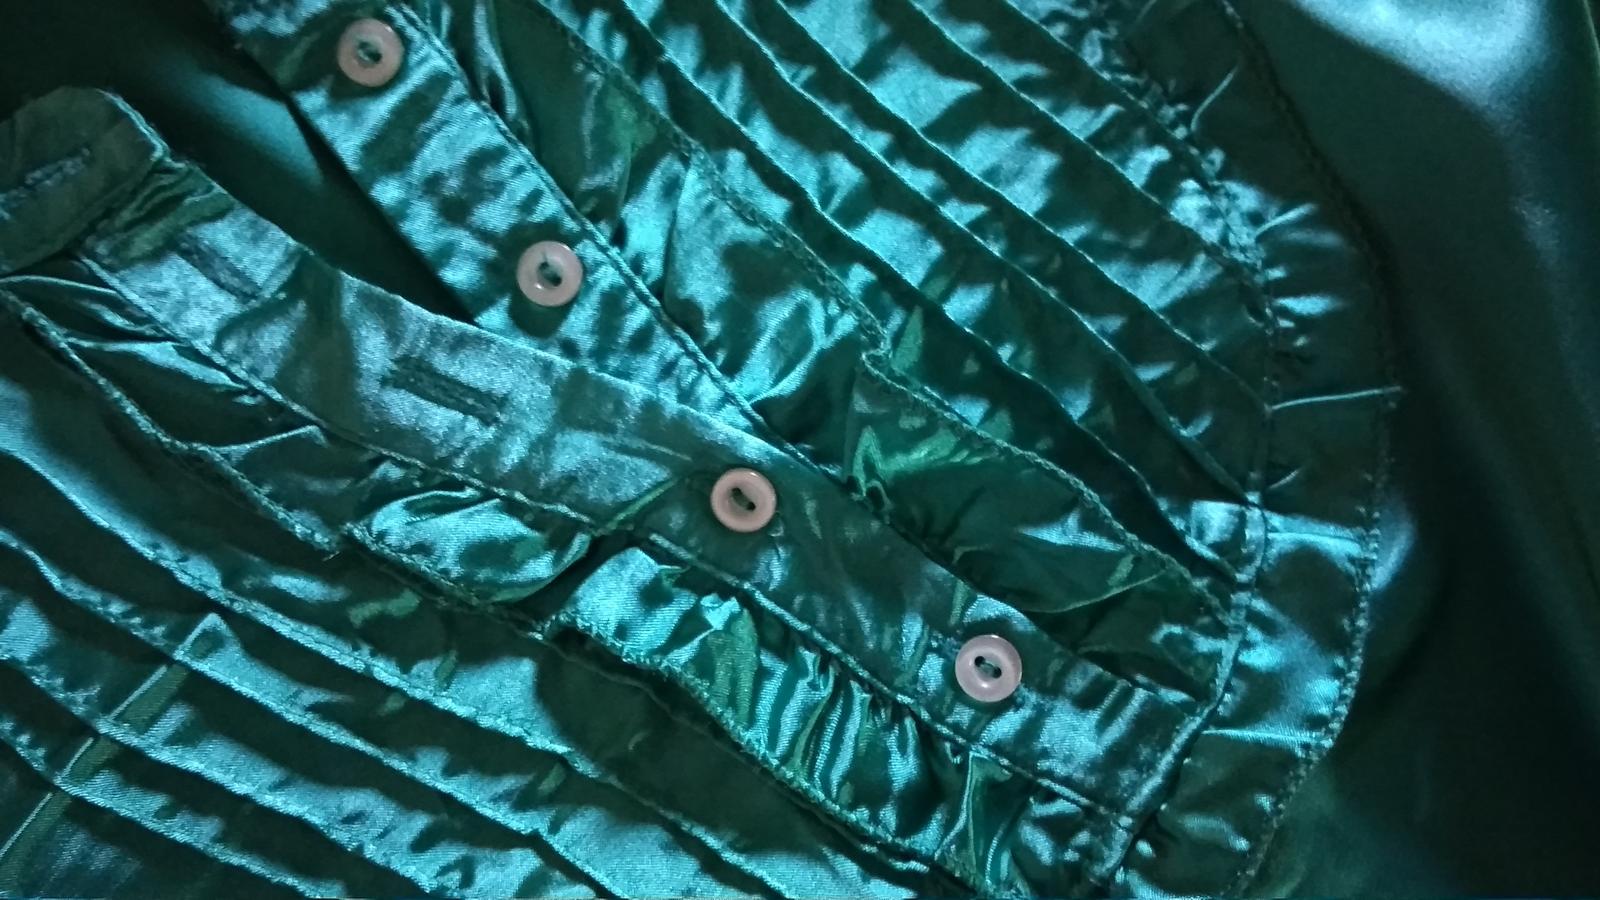 Zelená saténová blúzka 158-164 - Obrázok č. 3